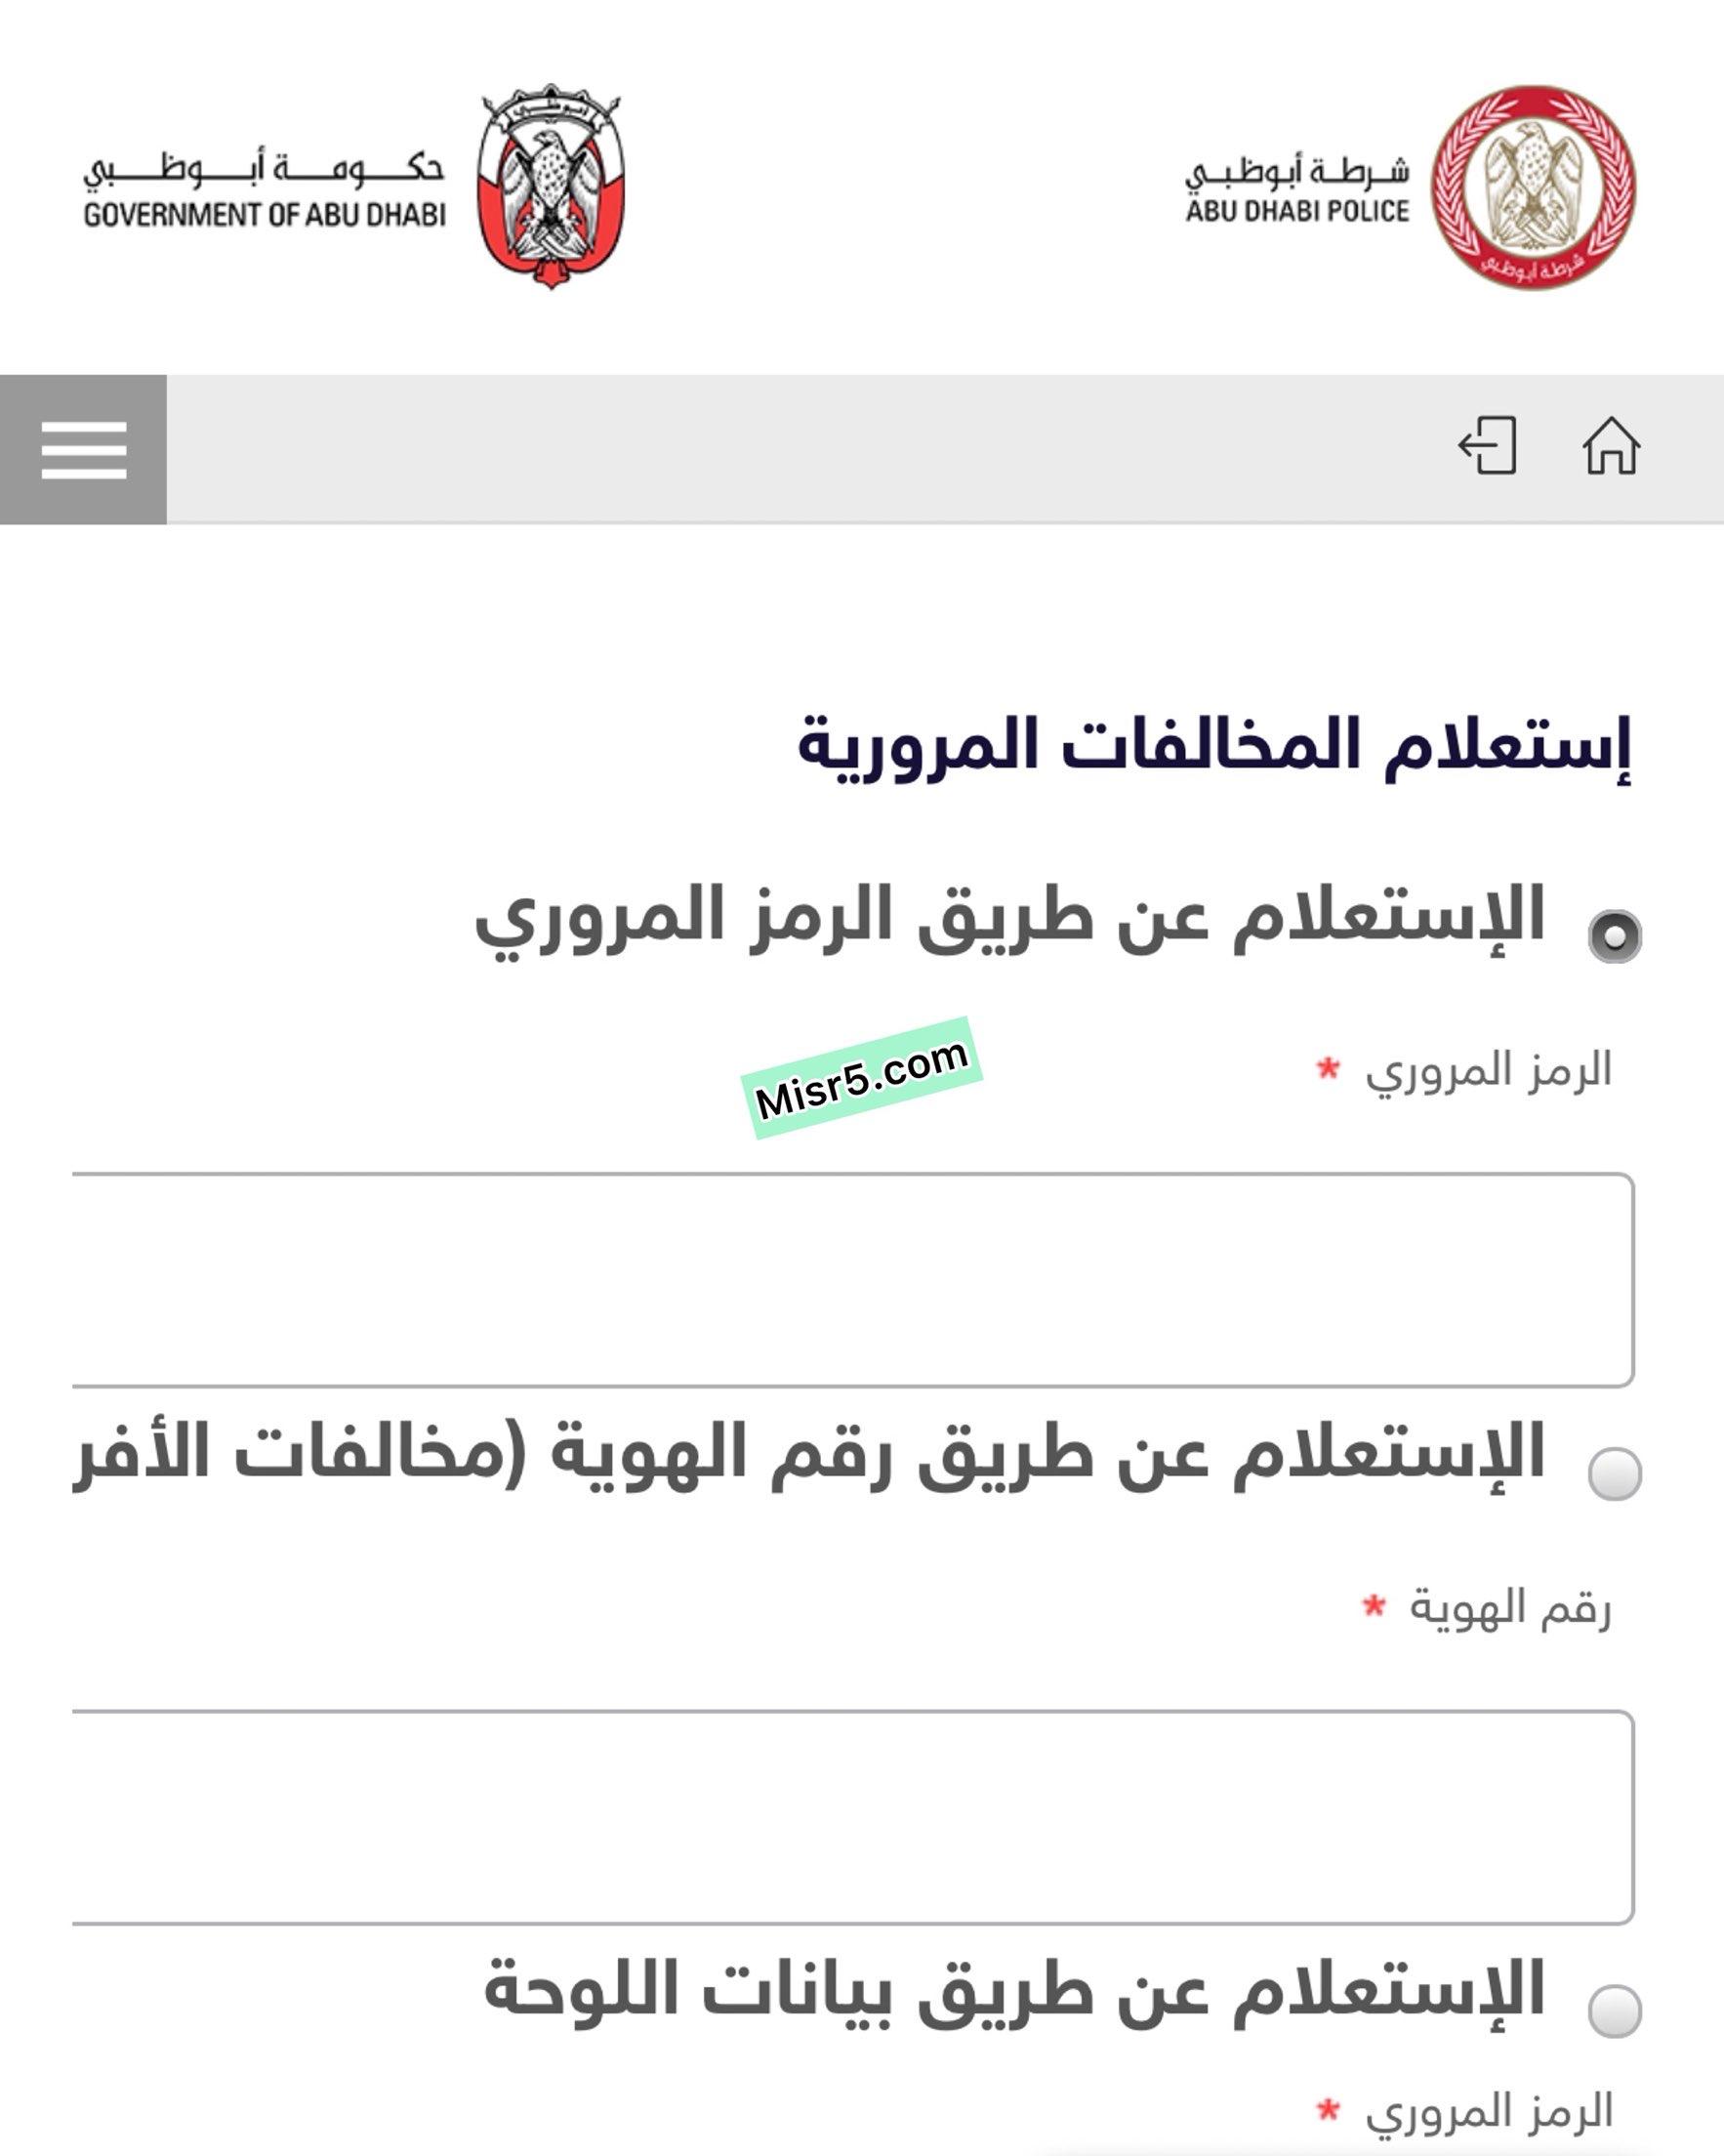 رابط الدفع والإستعلام عن مخالفات مرور أبو ظبي 2021